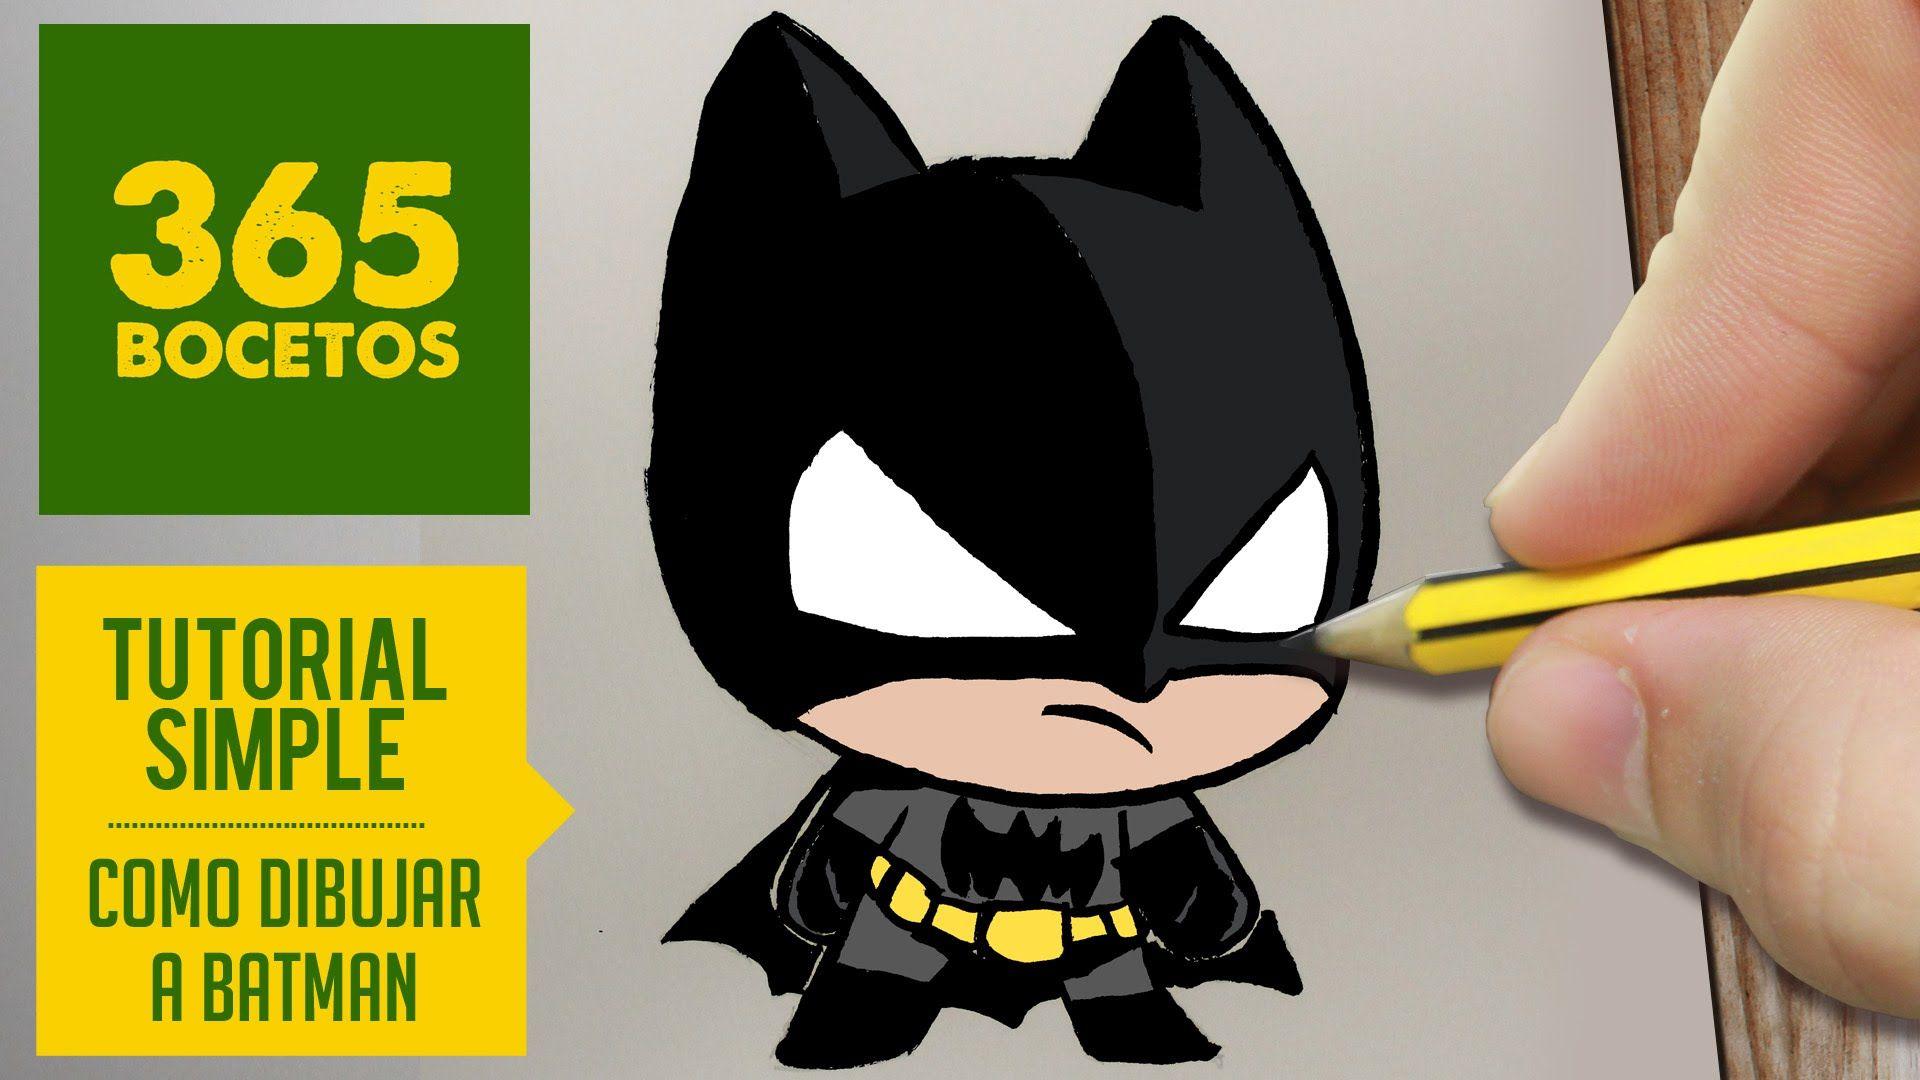 Epingle Par Ooblada Sur Cute Superheroes Dessin Kawaii 365